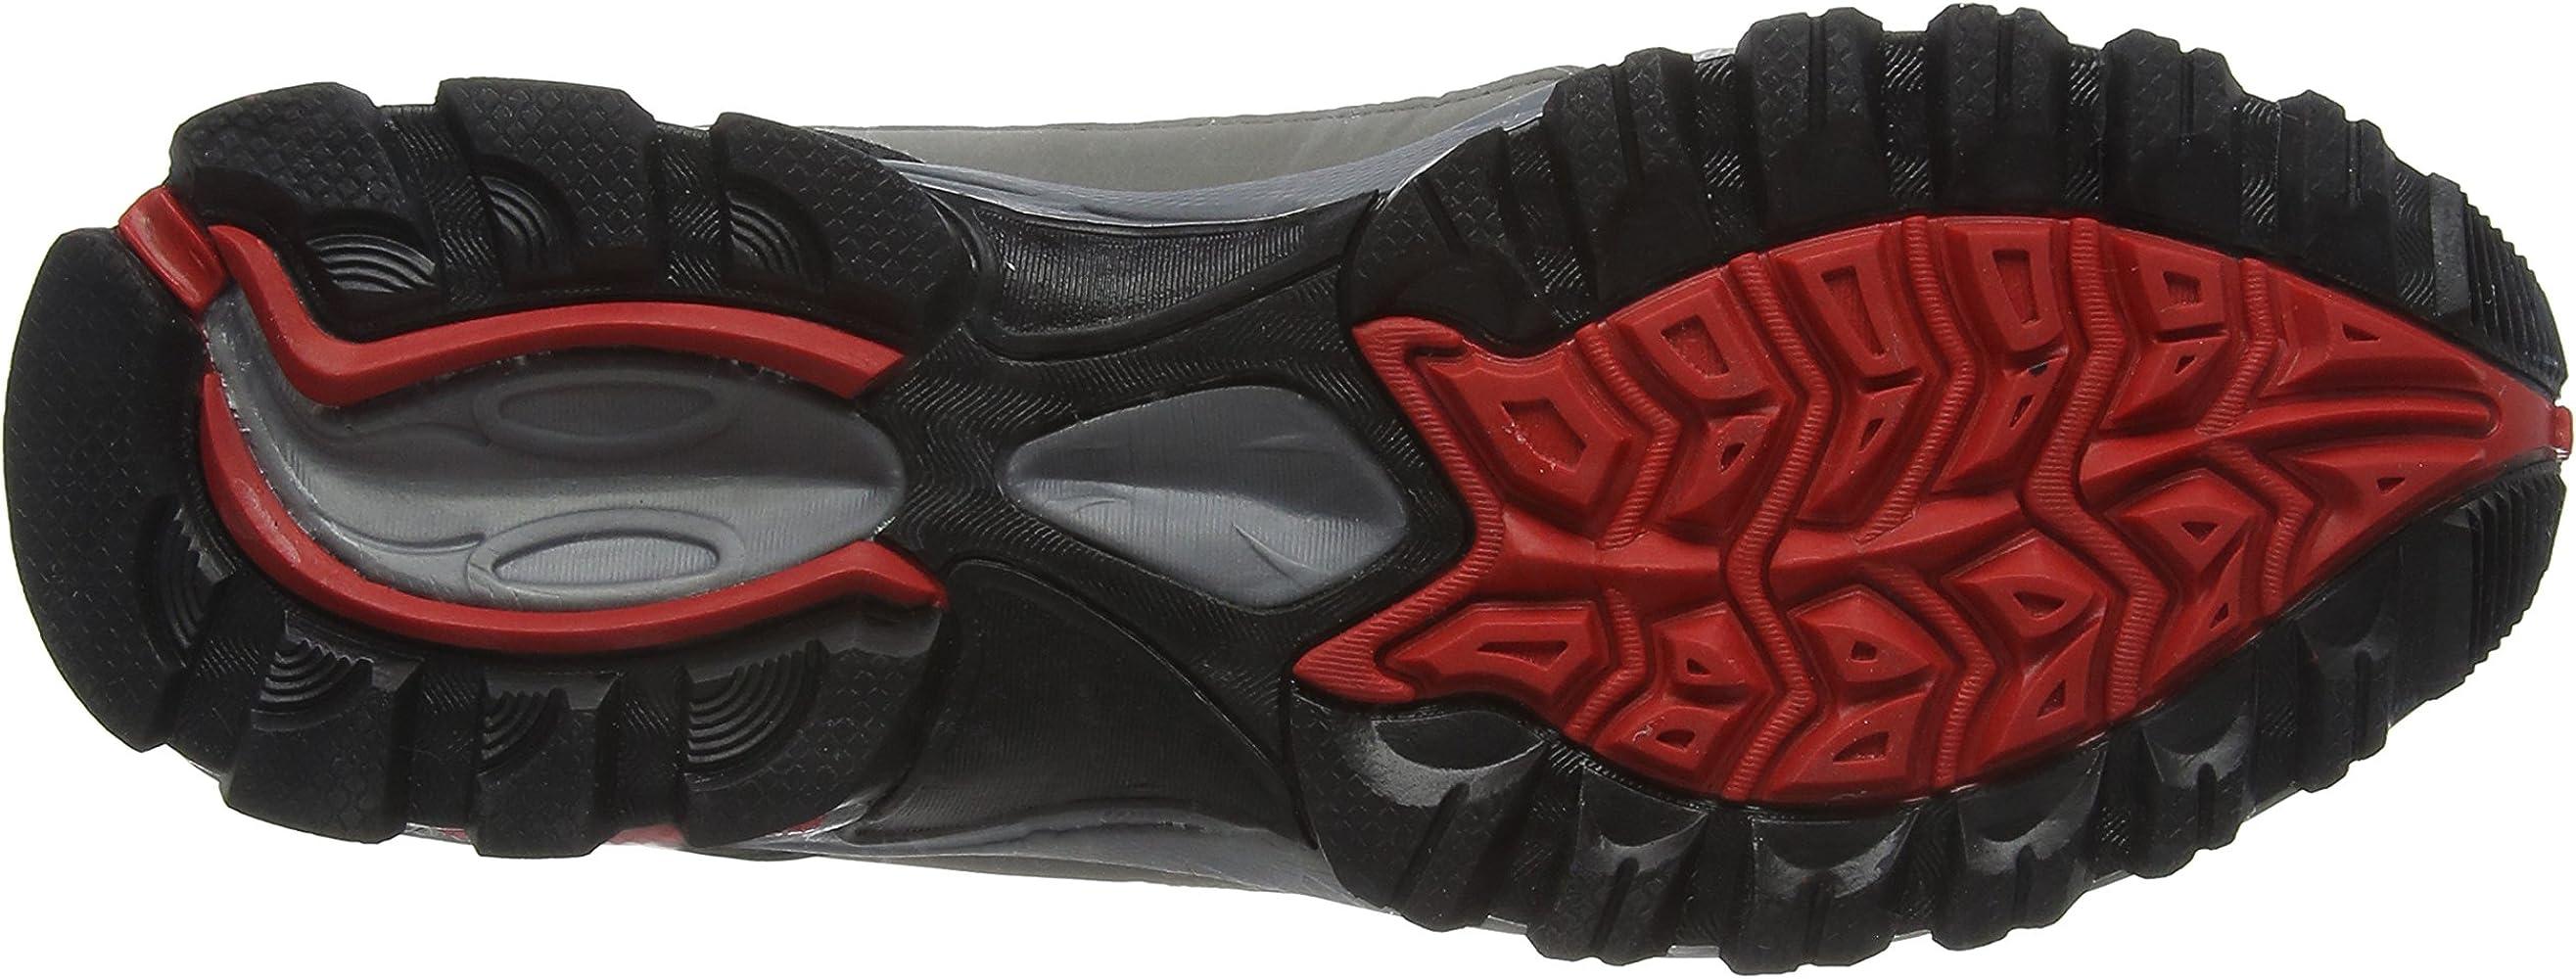 Goodyear GYSHU1500 - Zapatos de Seguridad Deportiva, Color Rojo, Talla 41 EU: Amazon.es: Industria, empresas y ciencia